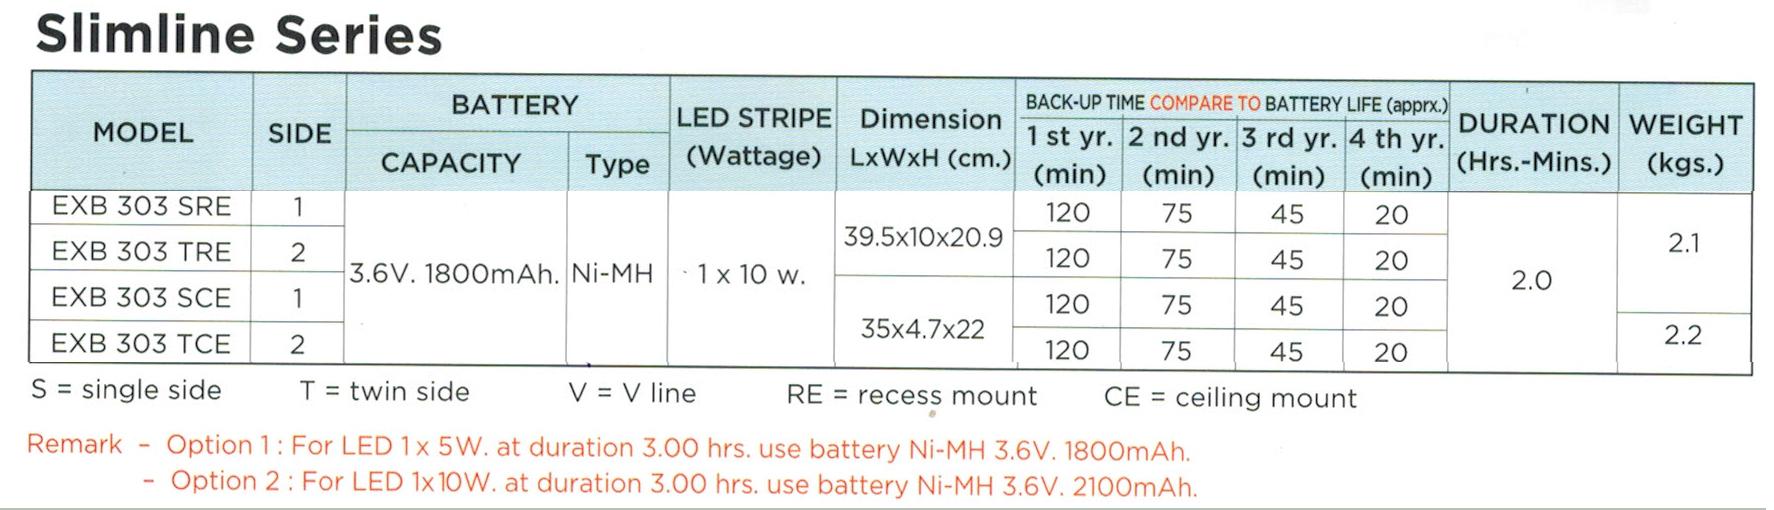 กล่องไฟทางหนีไฟ กล่องไฟทางออก สลิมไลน์ EXB303TRE, EXB303SRE, EXB303TCE, EXB303SCE Slimline LED Series (Exit Sign Lighting Max Bright C.E.E.)